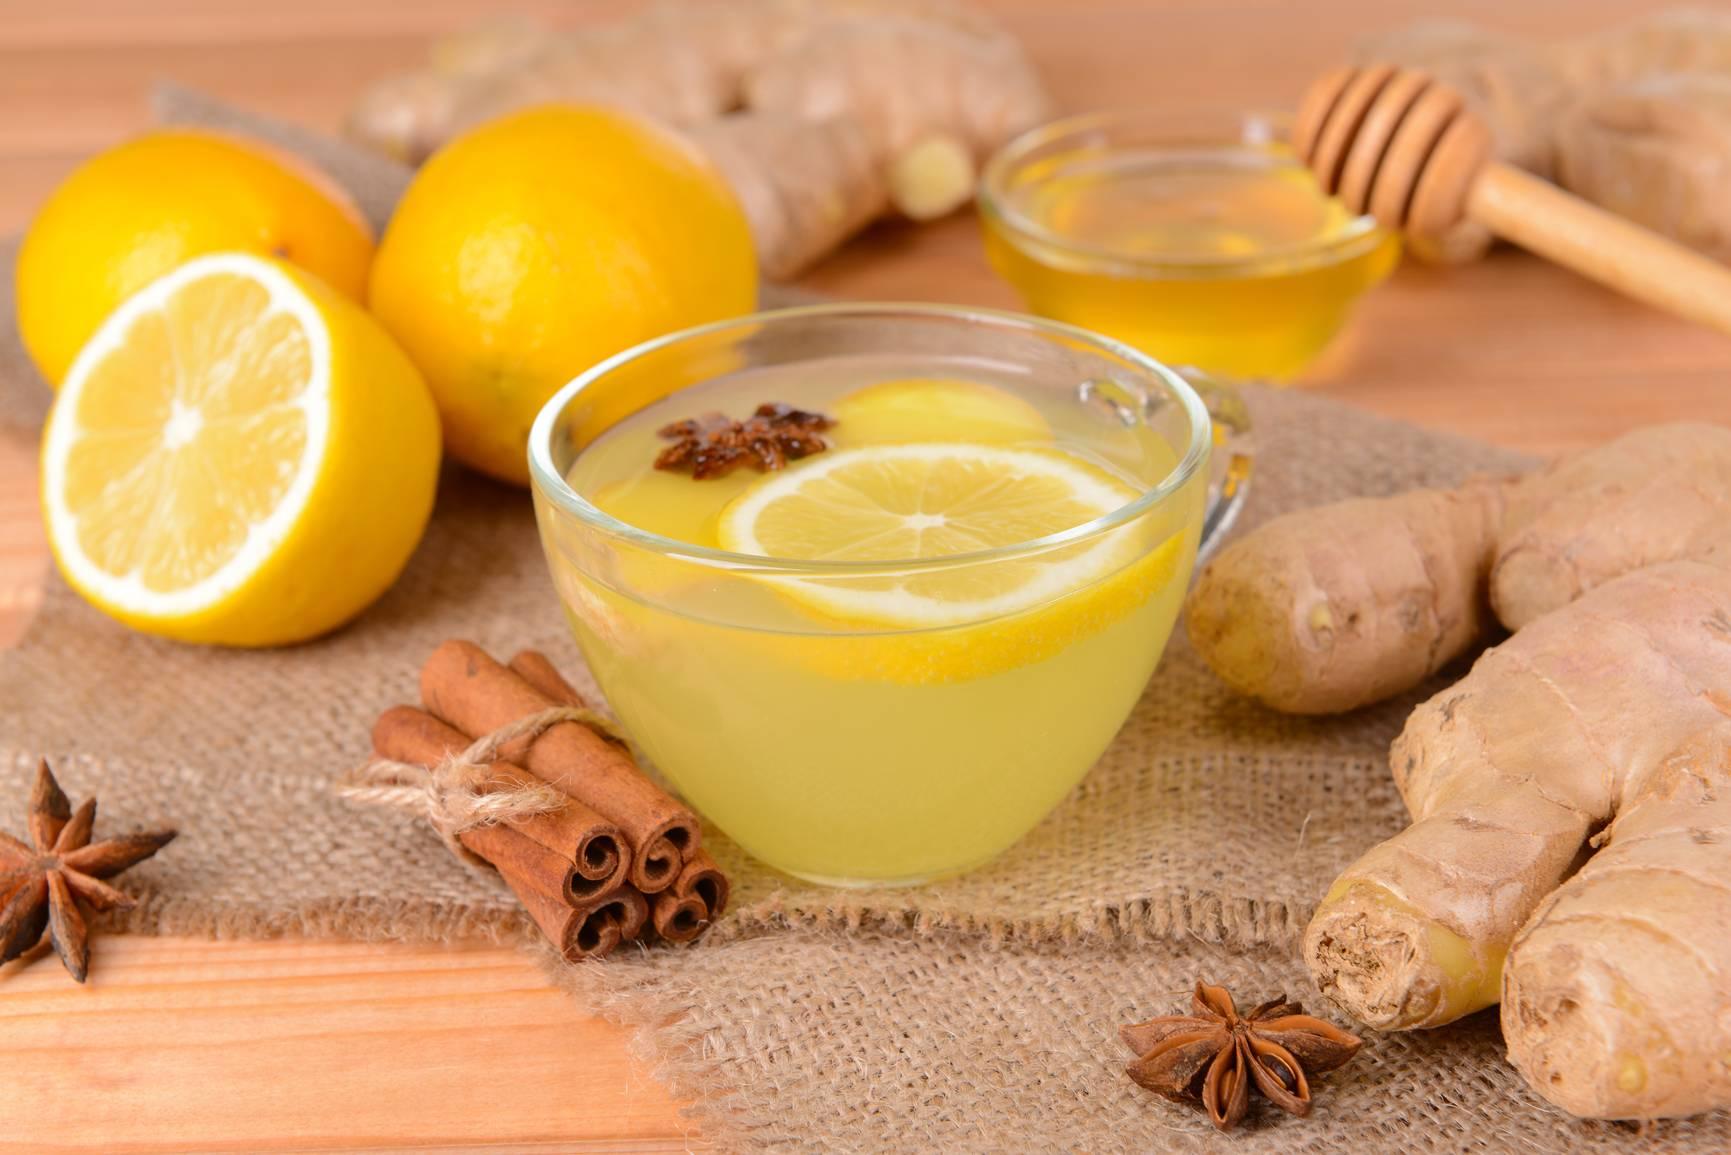 Корица для похудения: как принимать, рецепты с кефиром, медом, имбирем, яблоком + отзывы